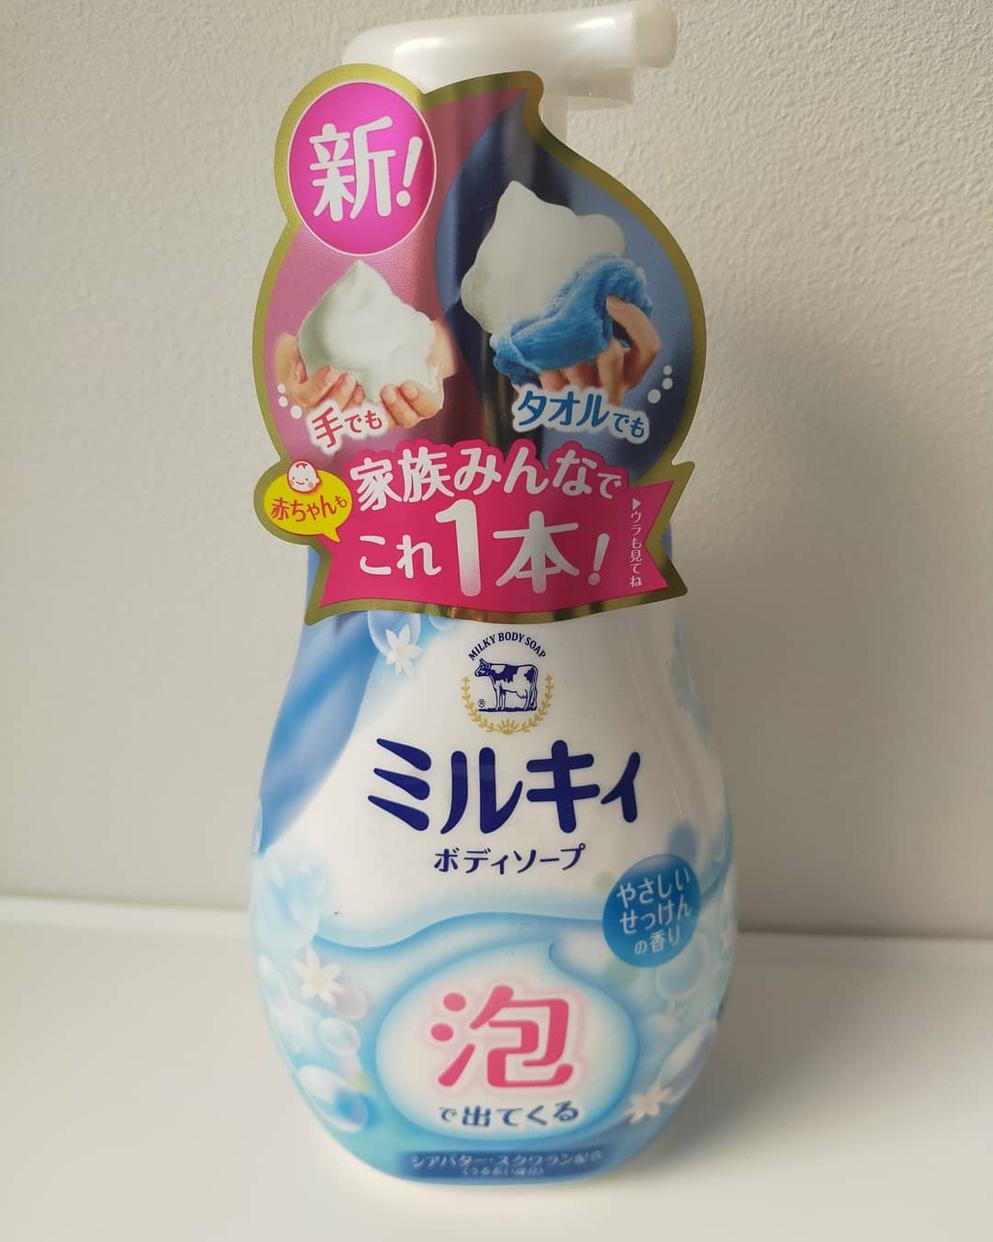 MILKY(ミルキィ)泡で出てくる ミルキィボディソープを使ったyosakuotomisanさんのクチコミ画像